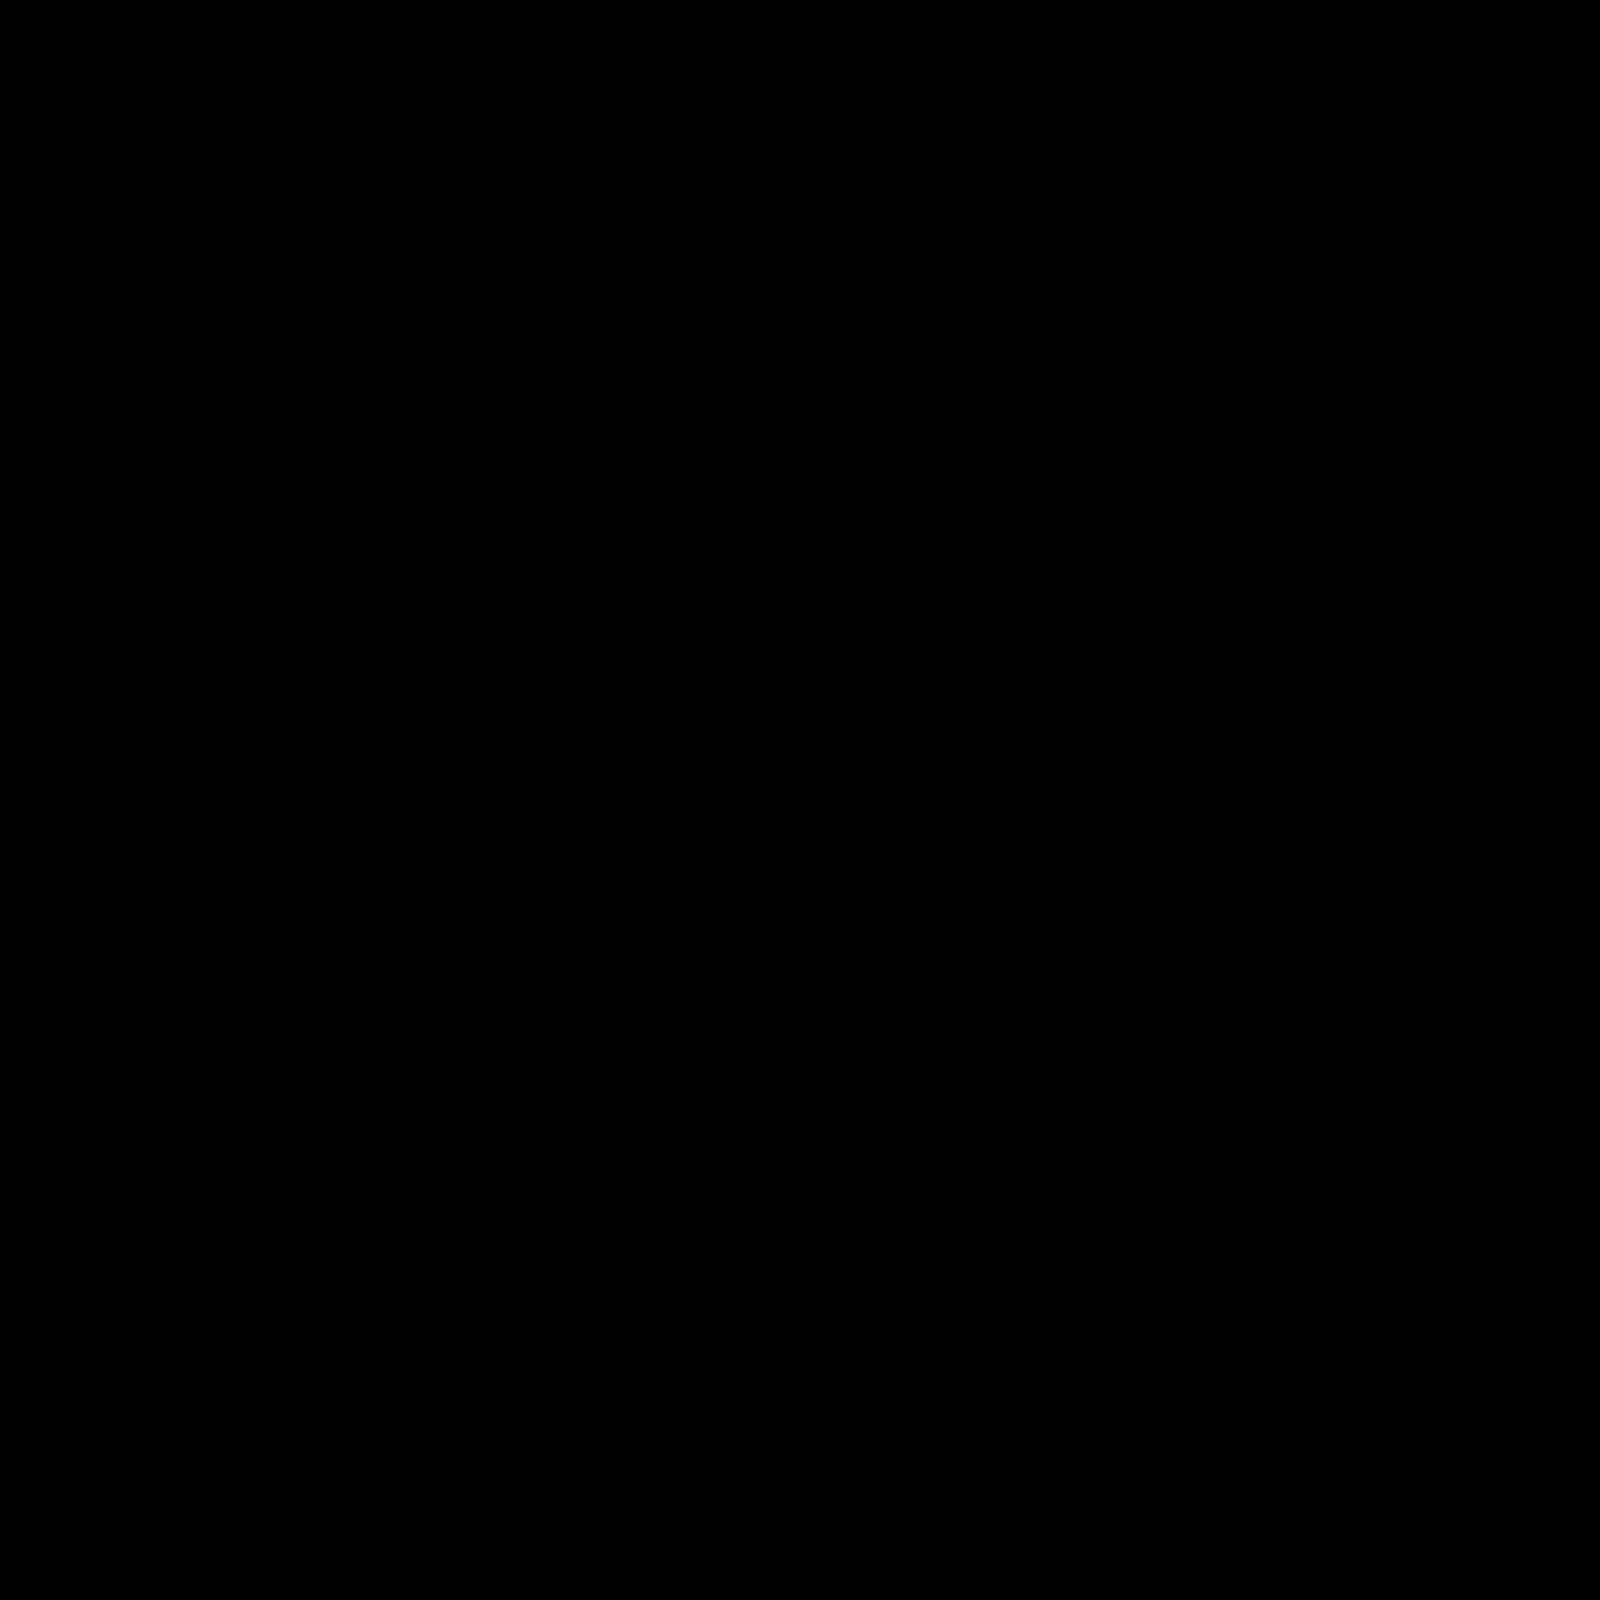 Raport wykresu kołowego icon